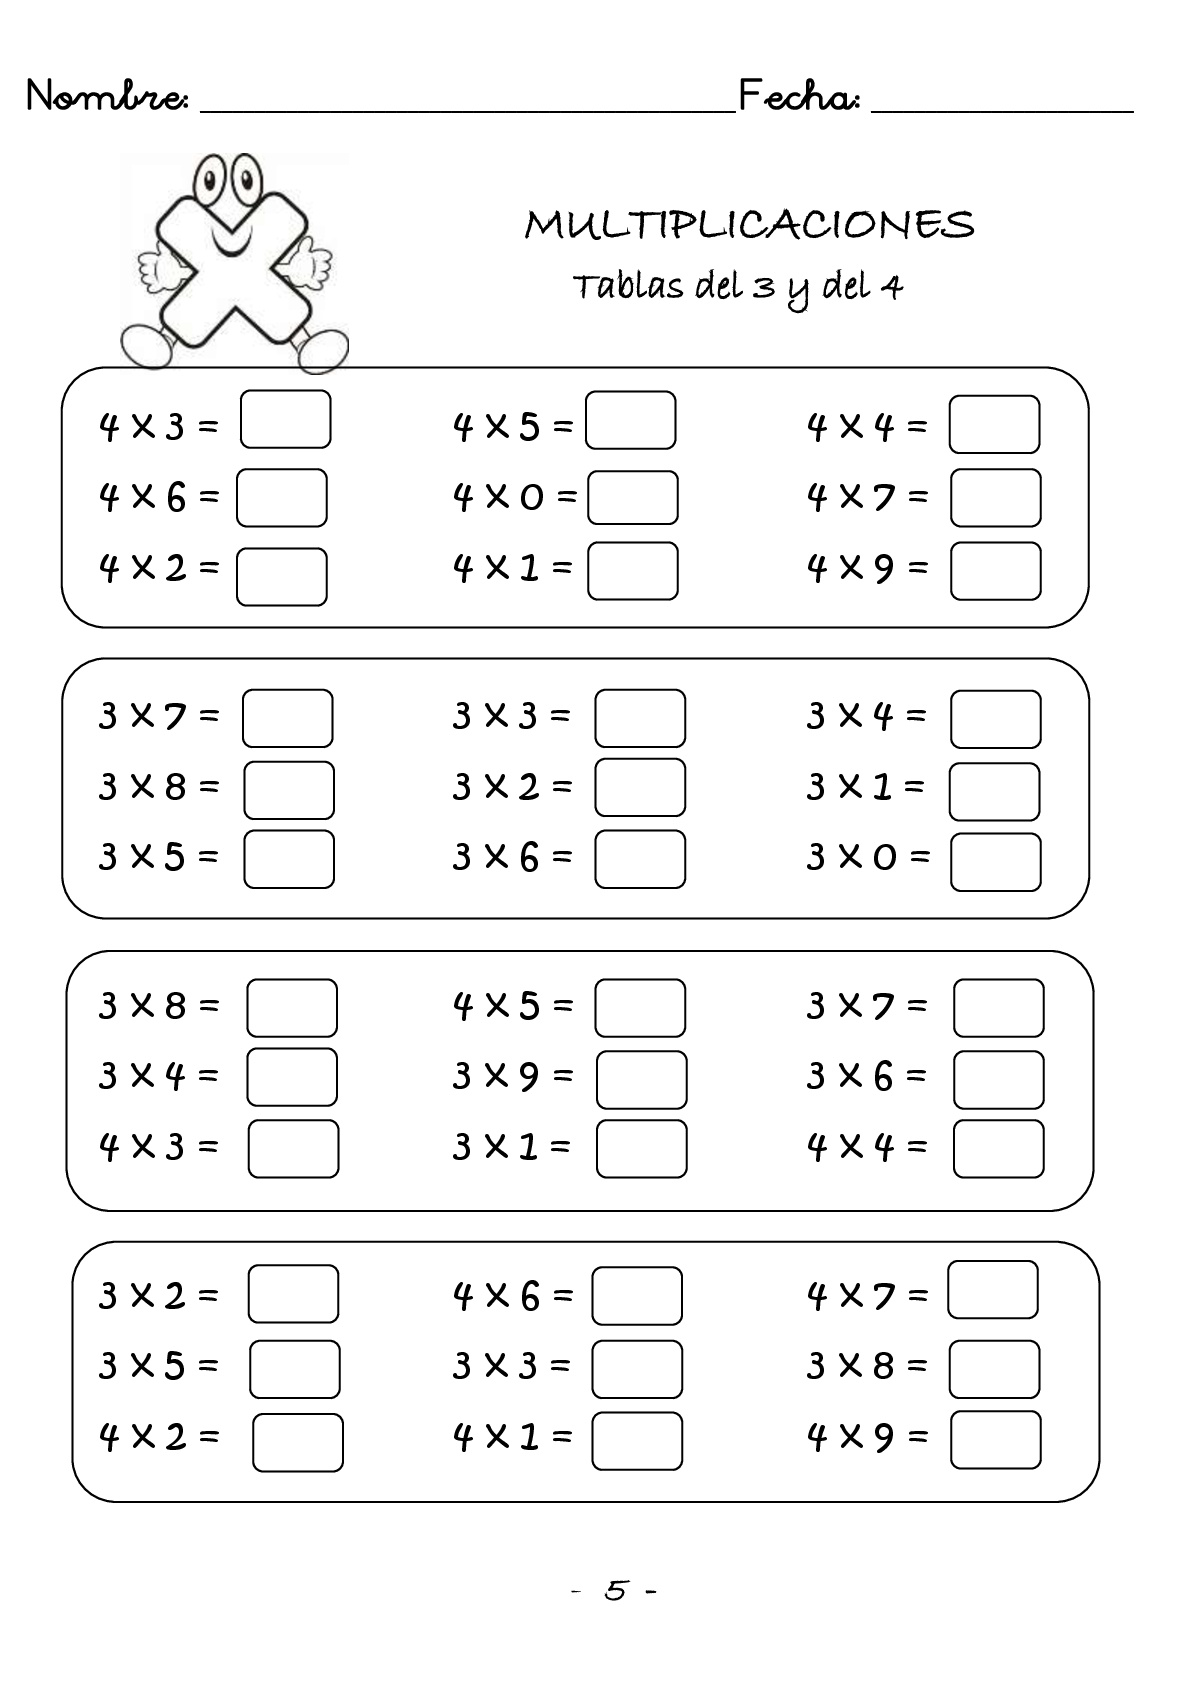 multiplicaciones-rapidas-una-cifra-protegido-006